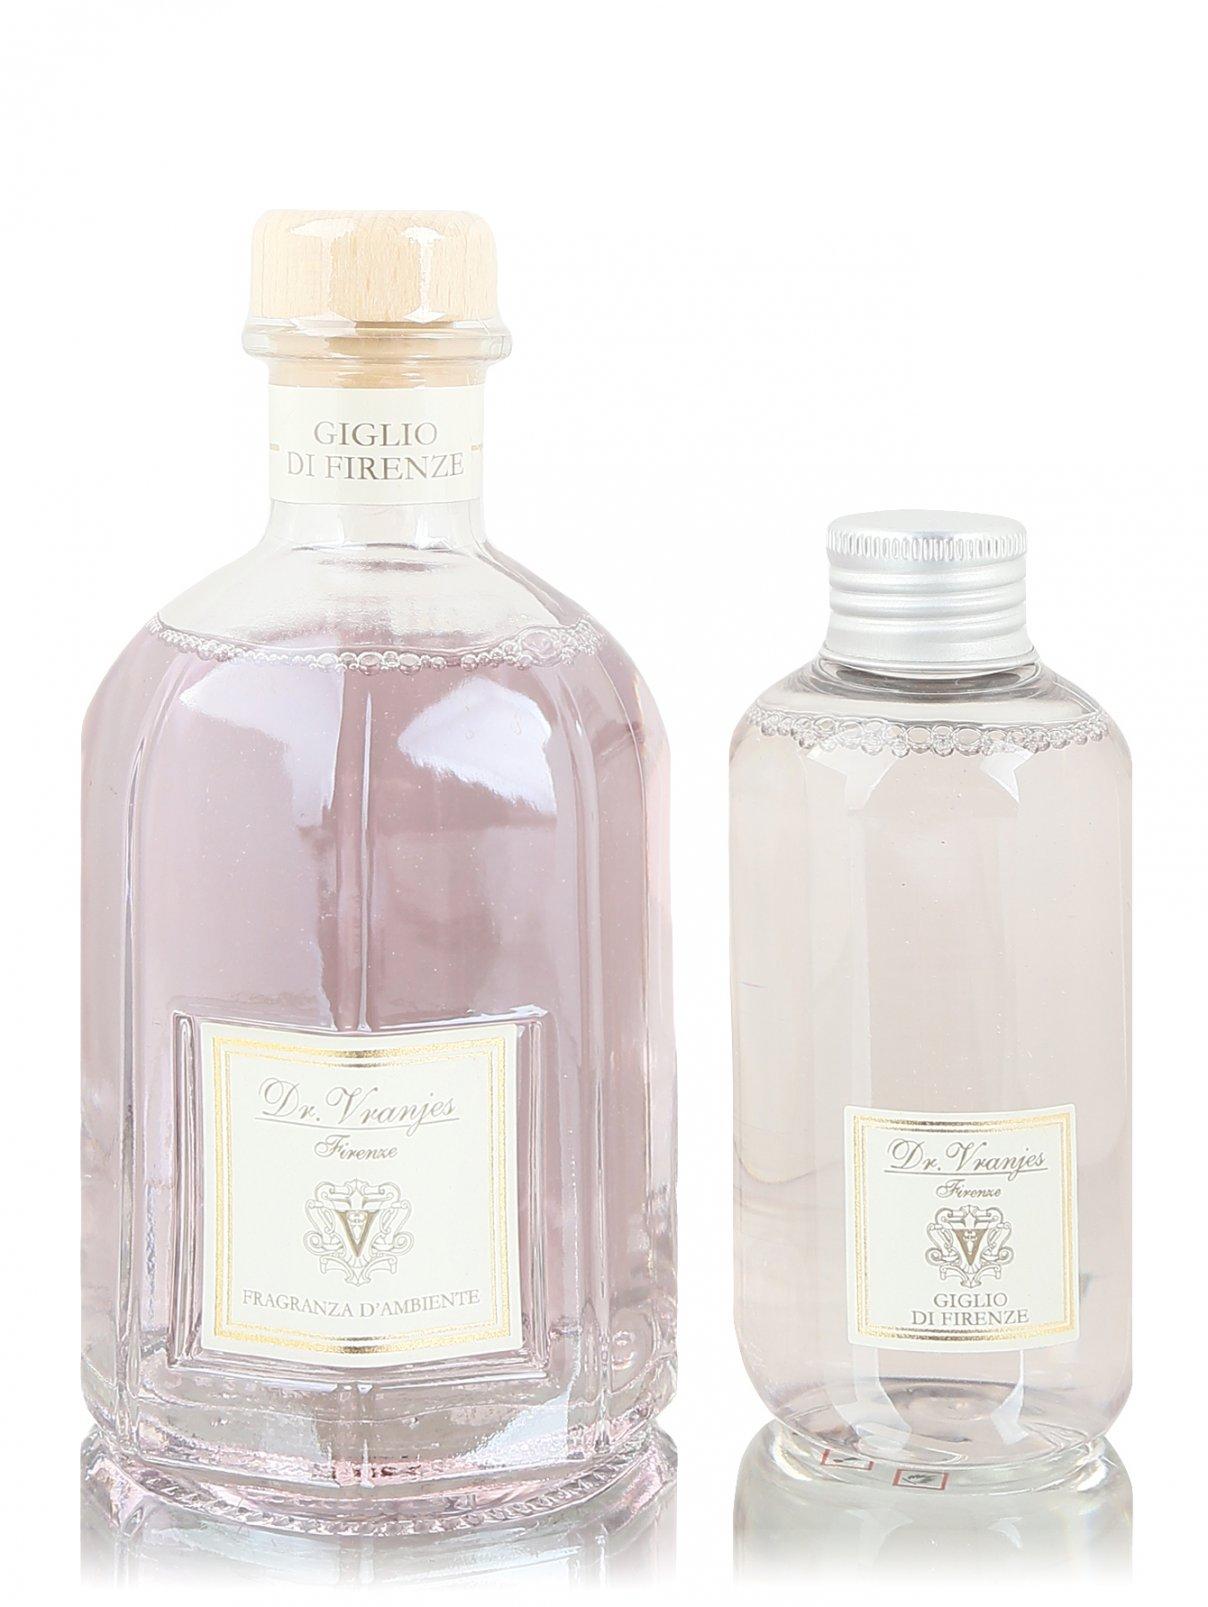 Набор Gigilio di Firenze 250 мл с наполнителем 150 м Home Fragrance Dr. Vranjes  –  Общий вид